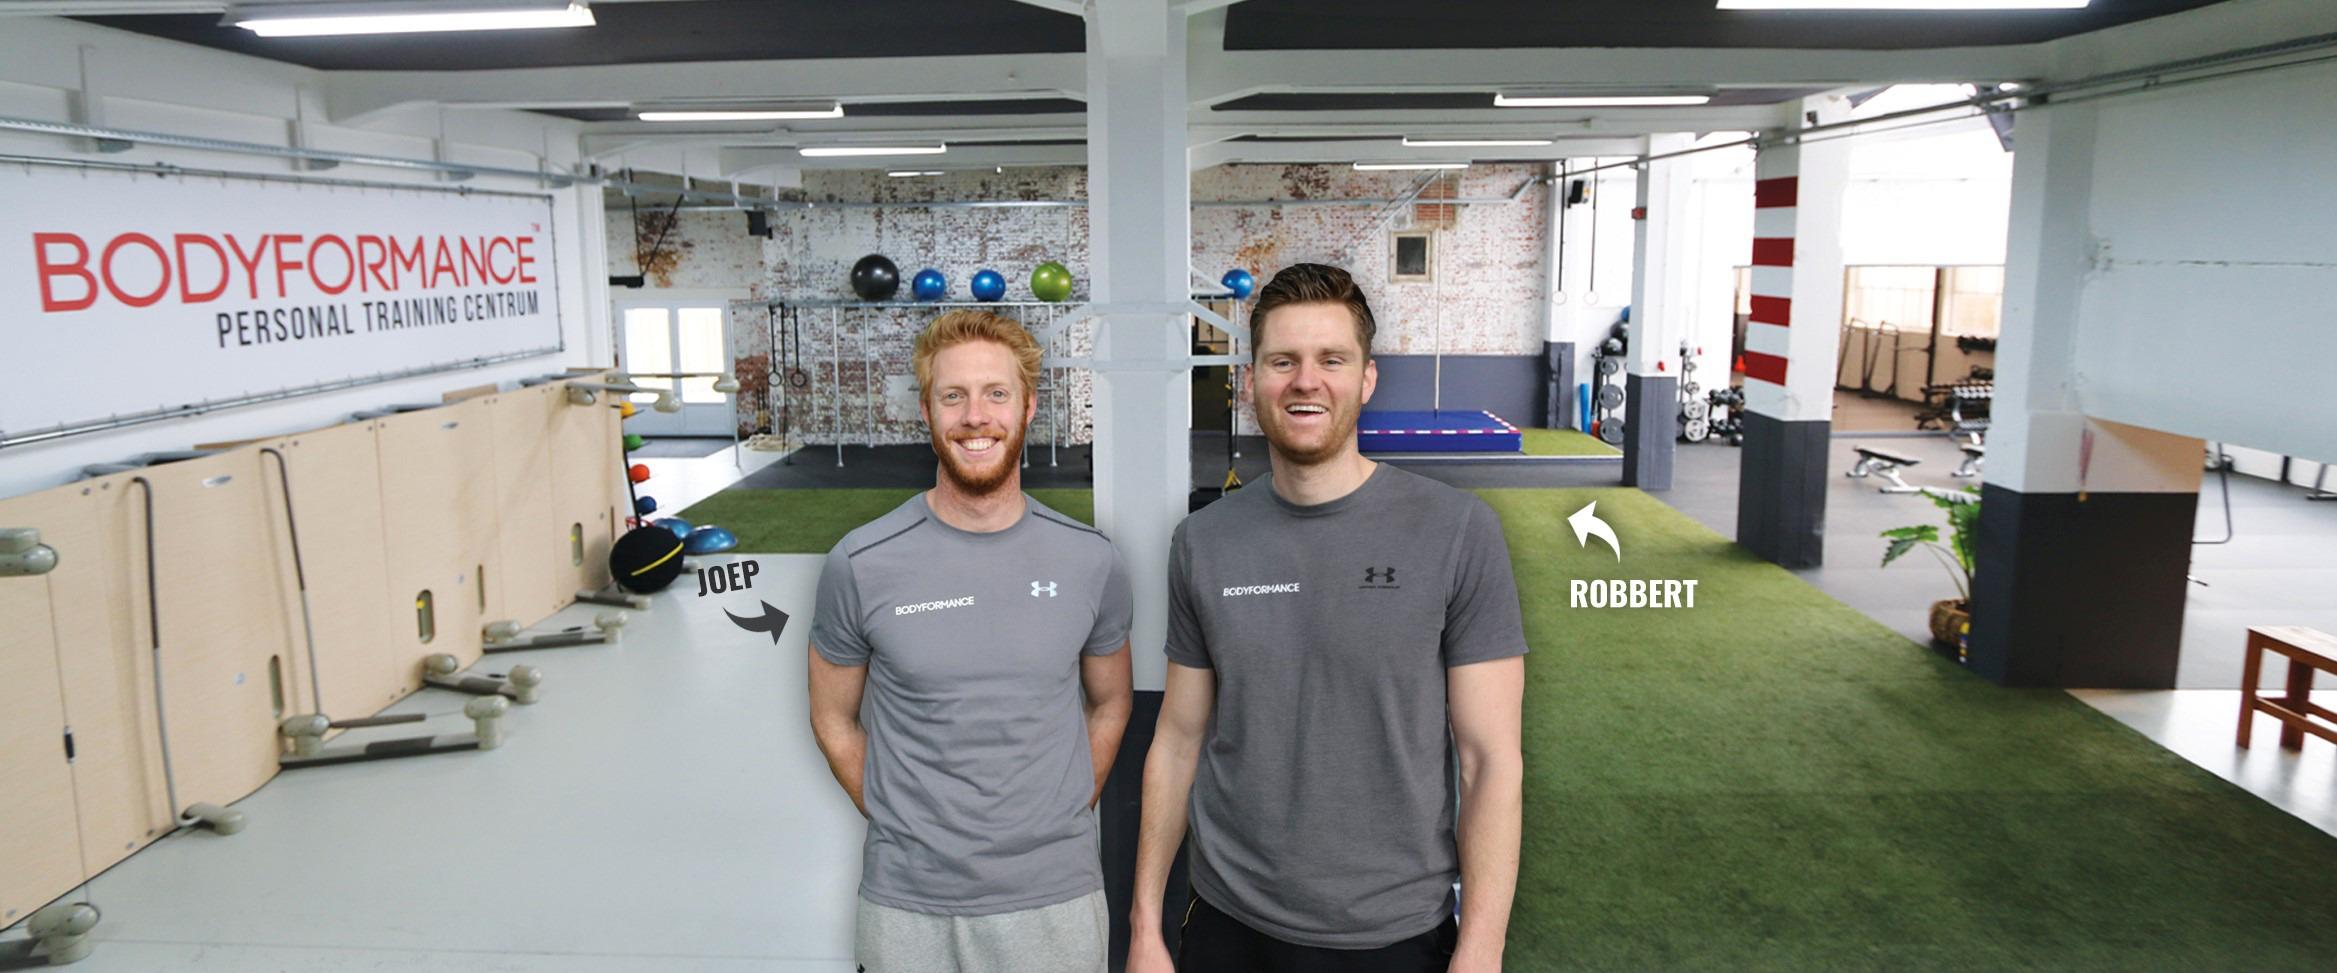 personal training Robbert en Joep